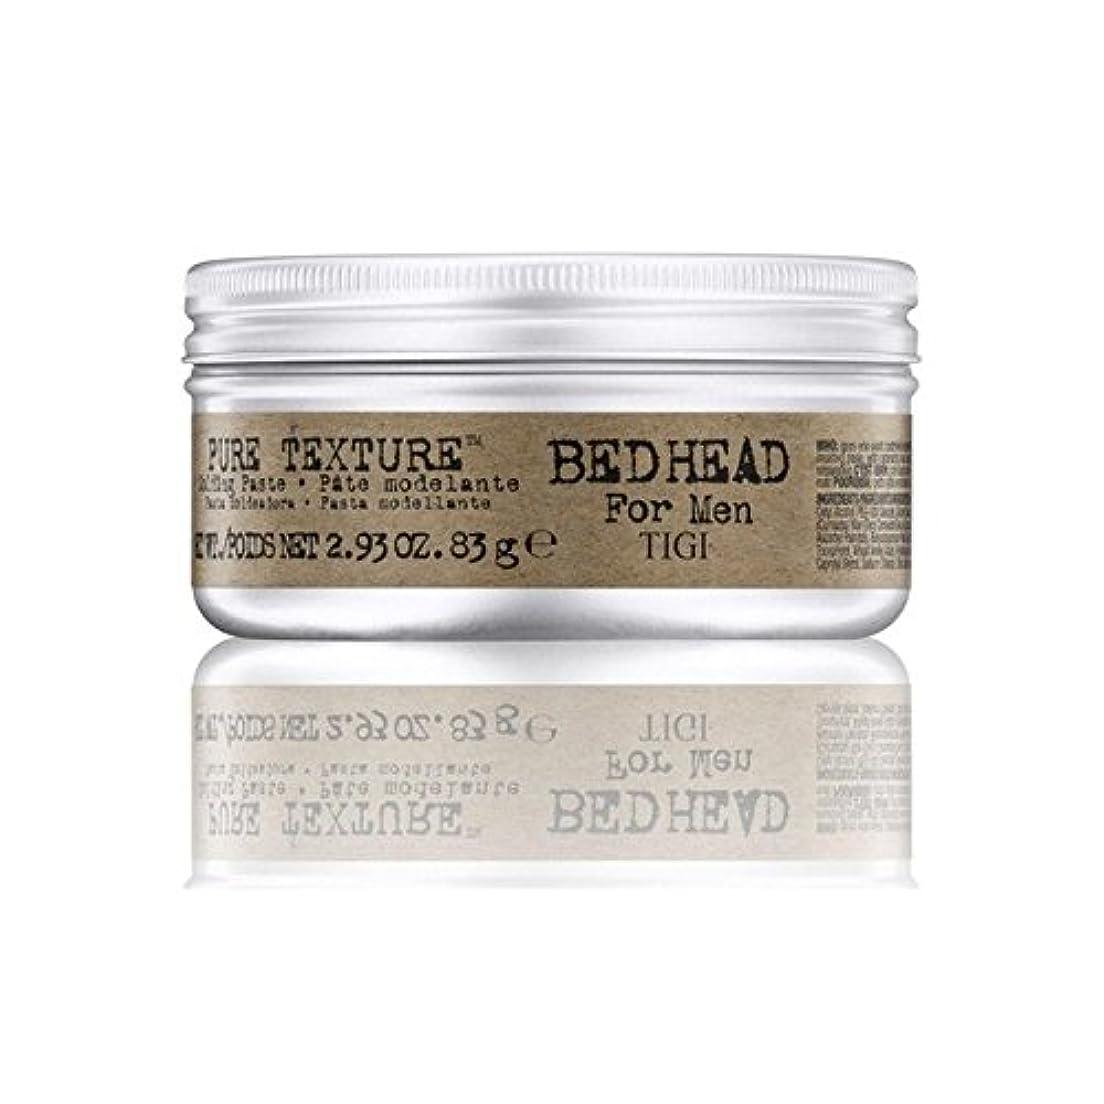 バランスオーロック少数Tigi Bed Head For Men Pure Texture Molding Paste (83G) - 男性の純粋なテクスチャーモールディングペースト(83グラム)のためのティジーベッドヘッド [並行輸入品]